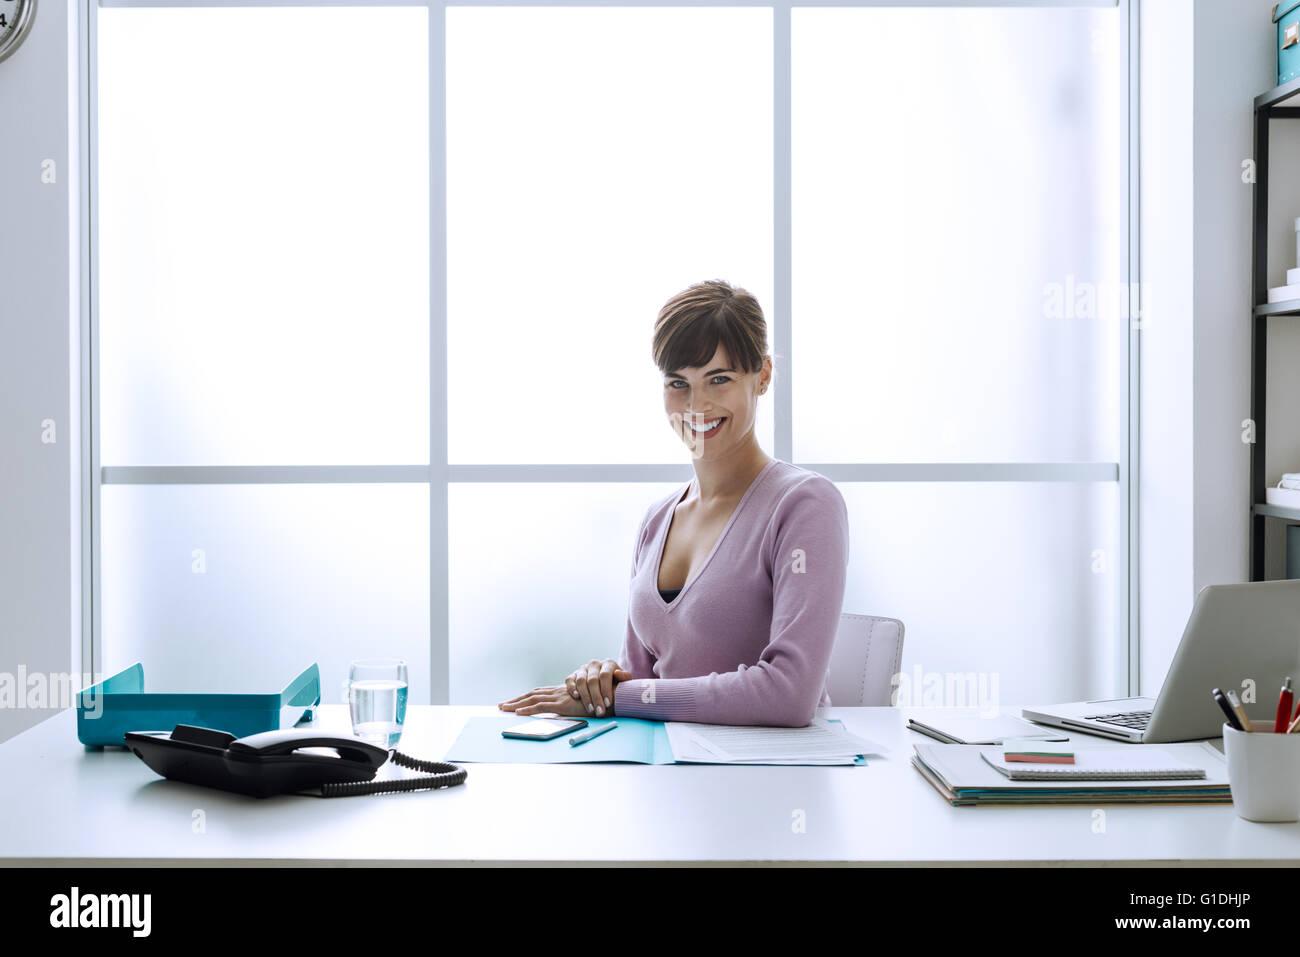 Fiducioso sorridente giovane imprenditrice nel suo ufficio, guarda la fotocamera e seduti alla scrivania Immagini Stock